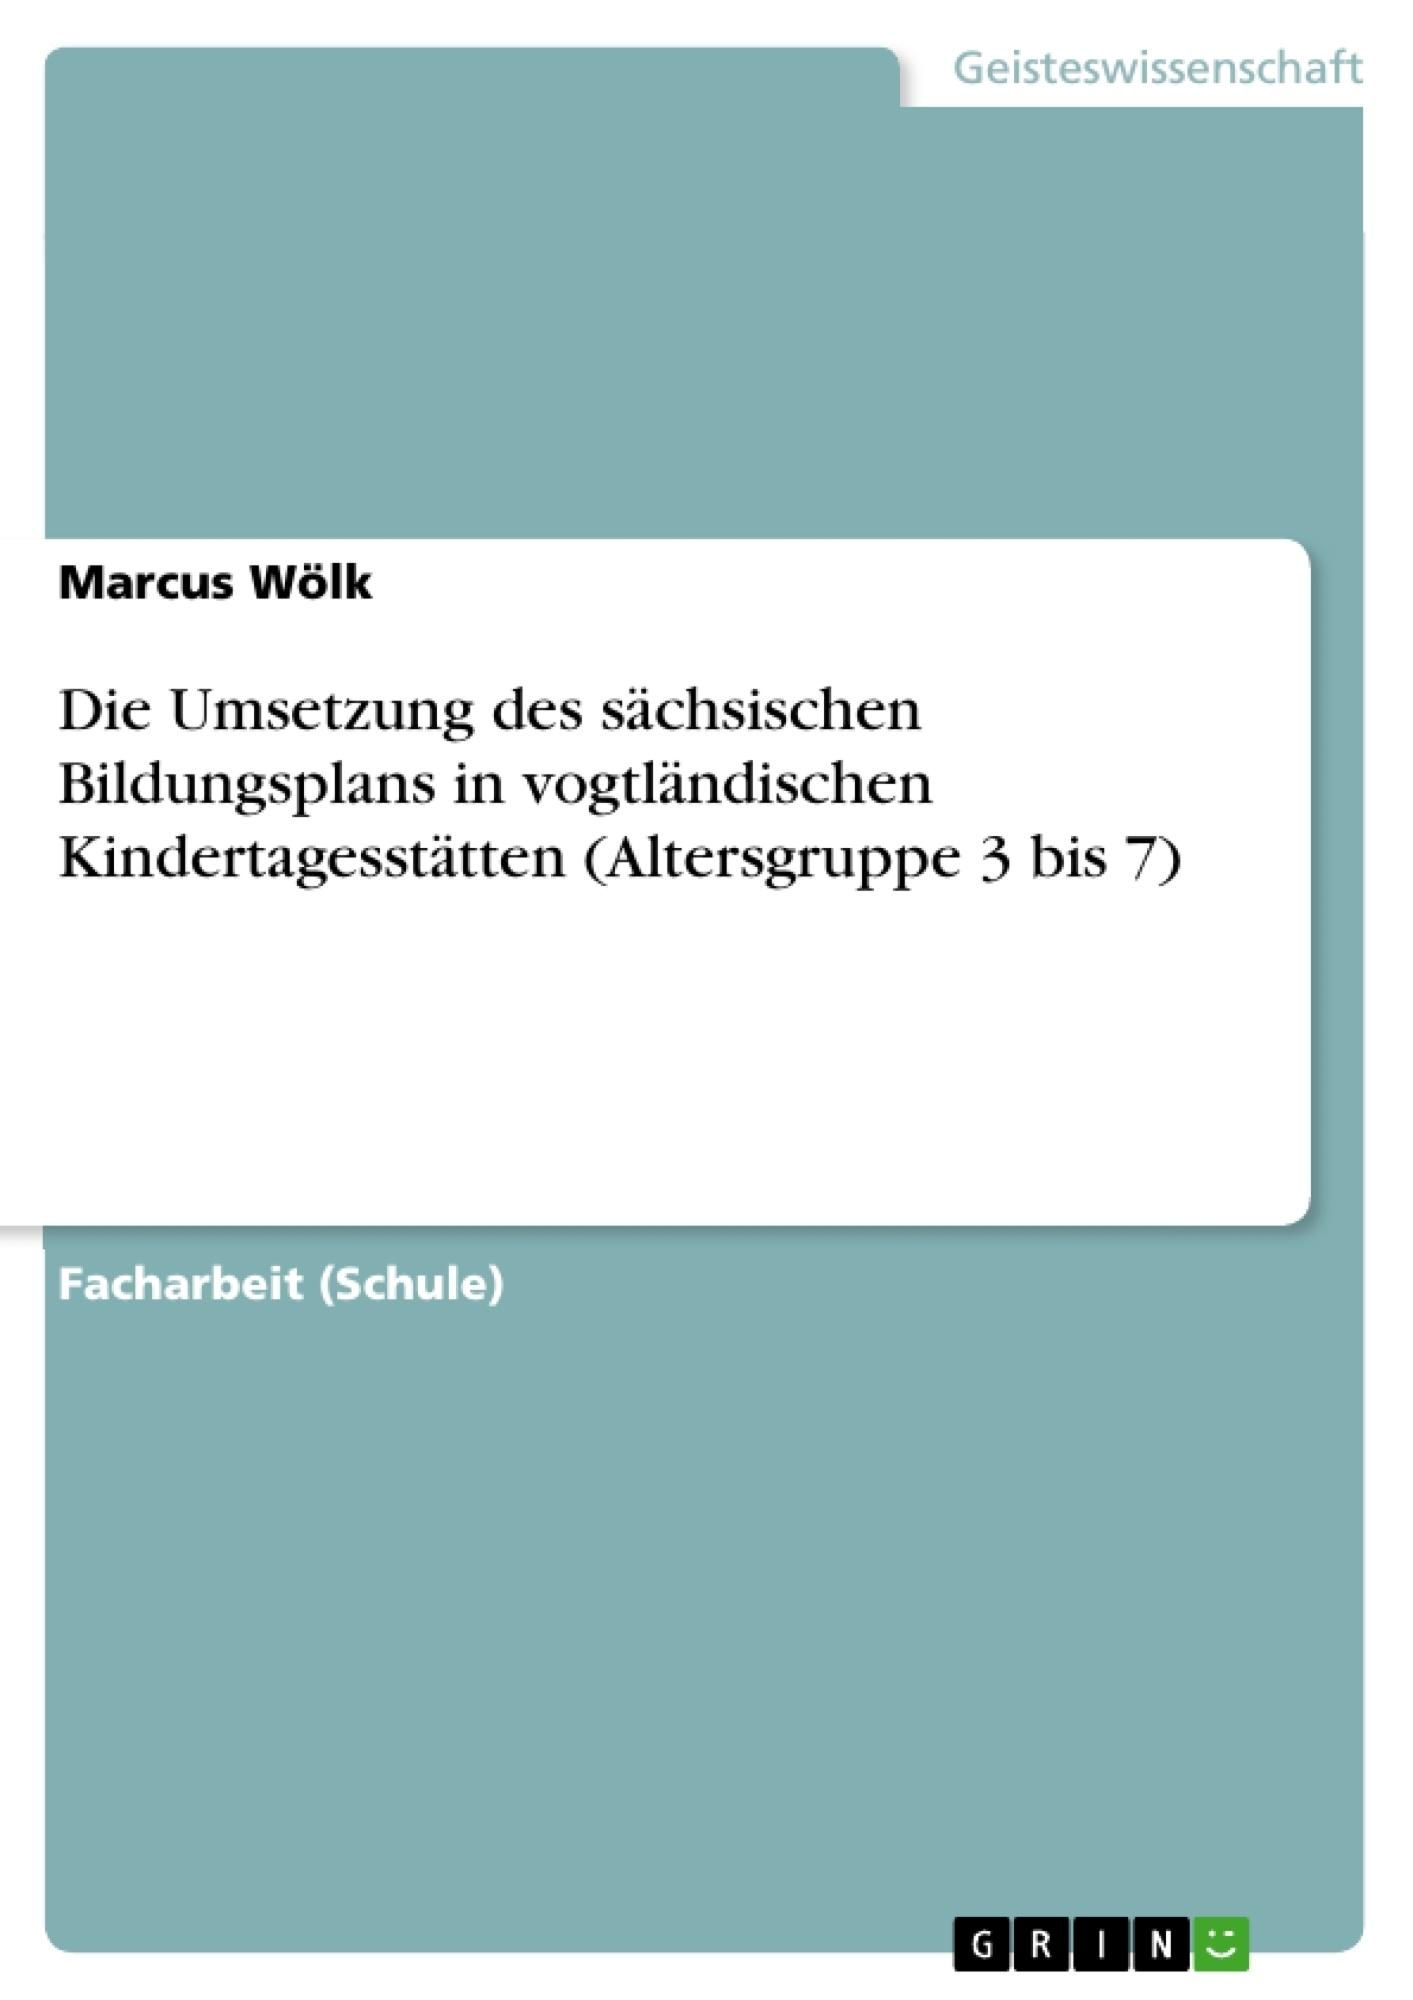 Titel: Die Umsetzung des sächsischen Bildungsplans in vogtländischen Kindertagesstätten (Altersgruppe 3 bis 7)